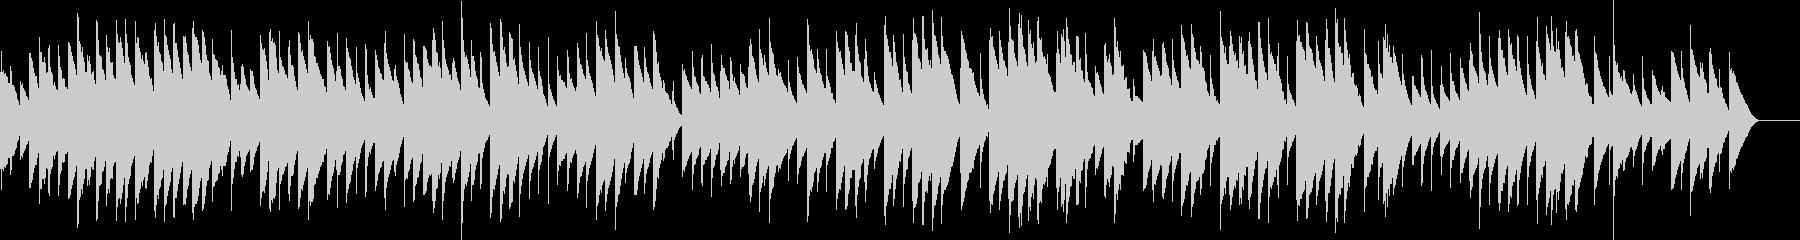 アヴェ・ヴェルム・コルプス(オルゴール)の未再生の波形